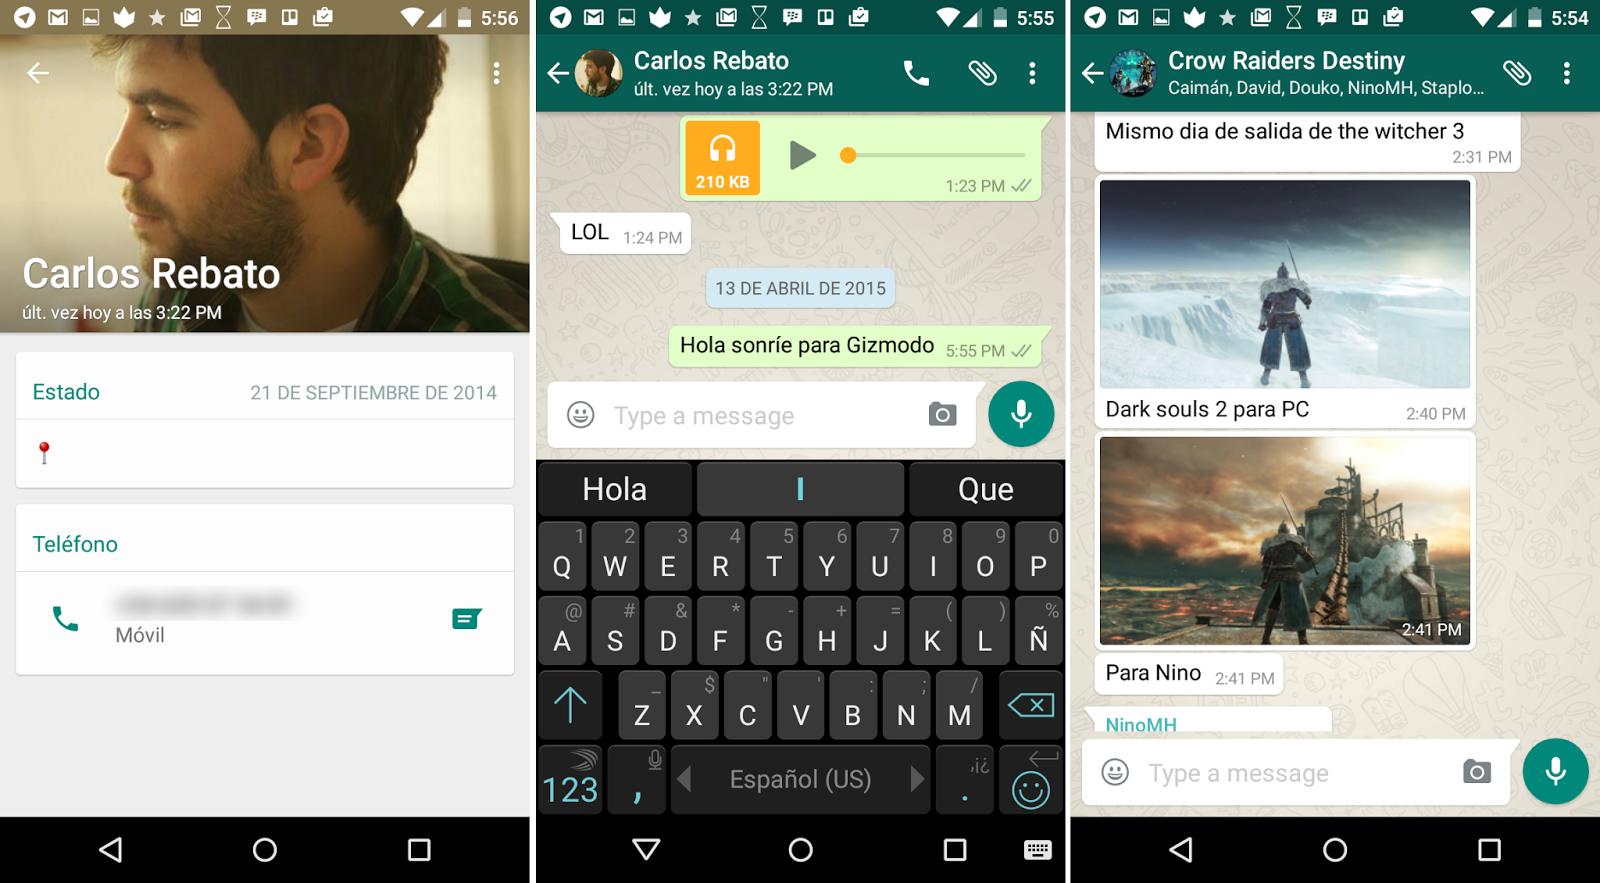 WhatsApp Cambia Su Imagen En Android Para Adaptarse A Material Design